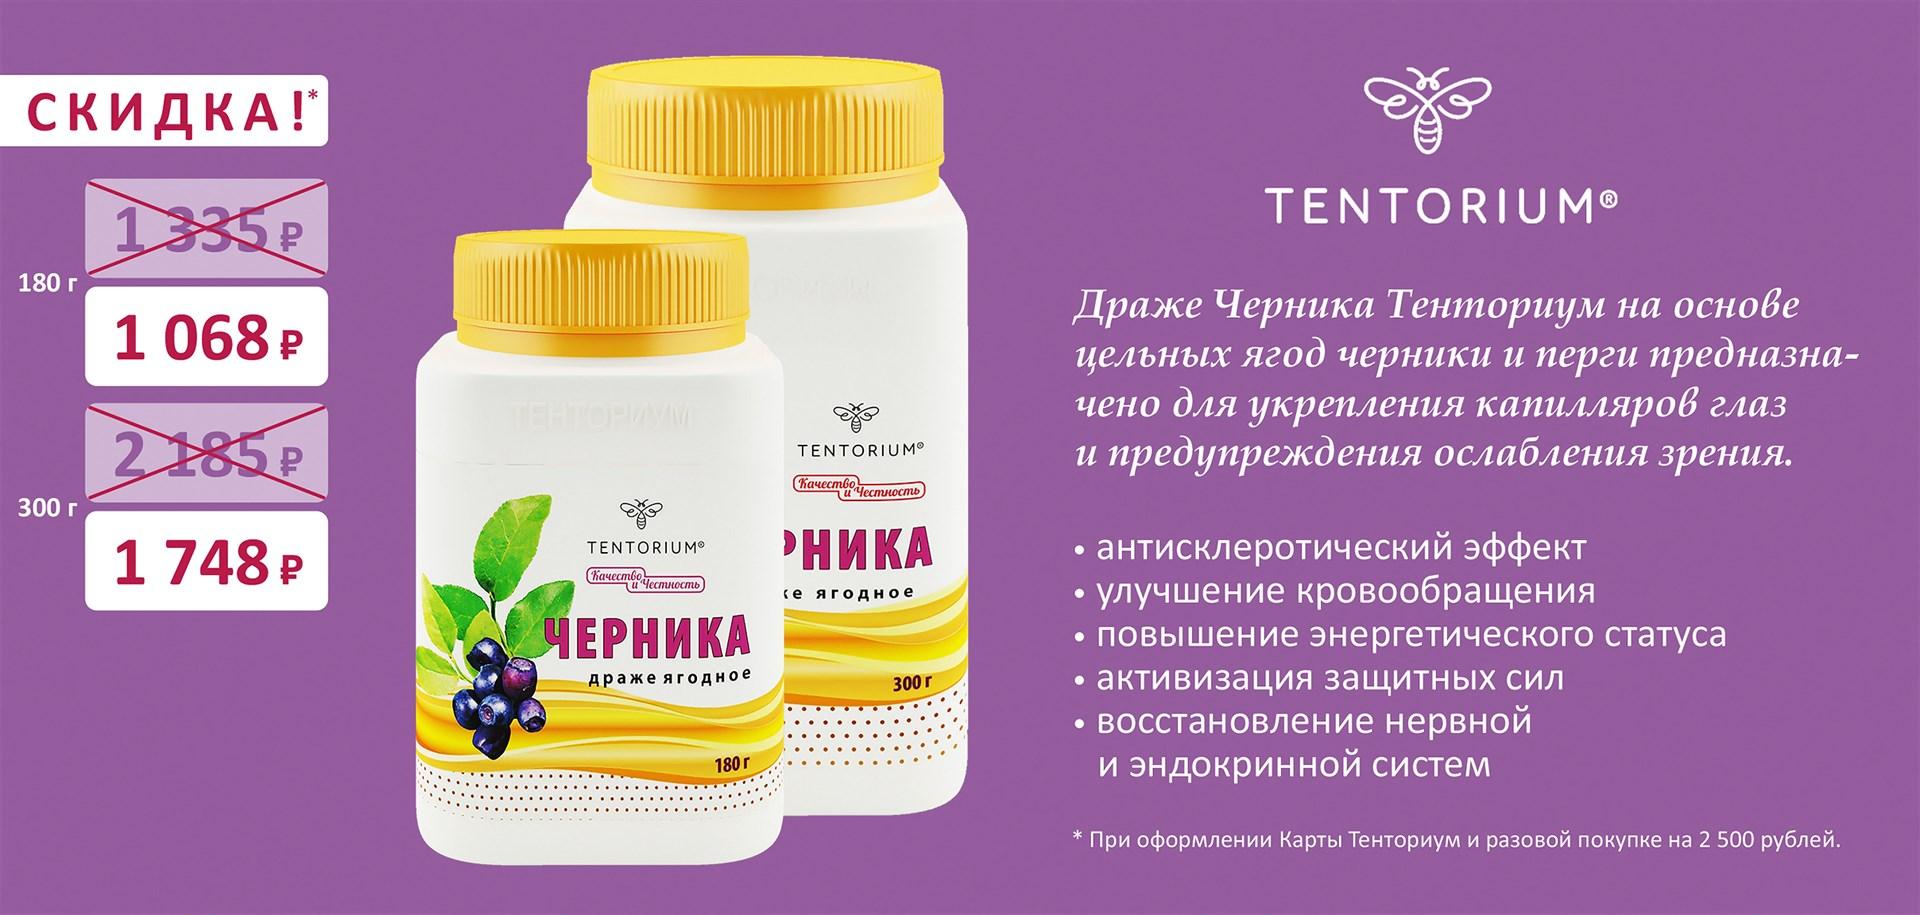 Черника ягодное драже ТЕНТОРИУМ купить со скидкой официальный магазин TENTORIUM